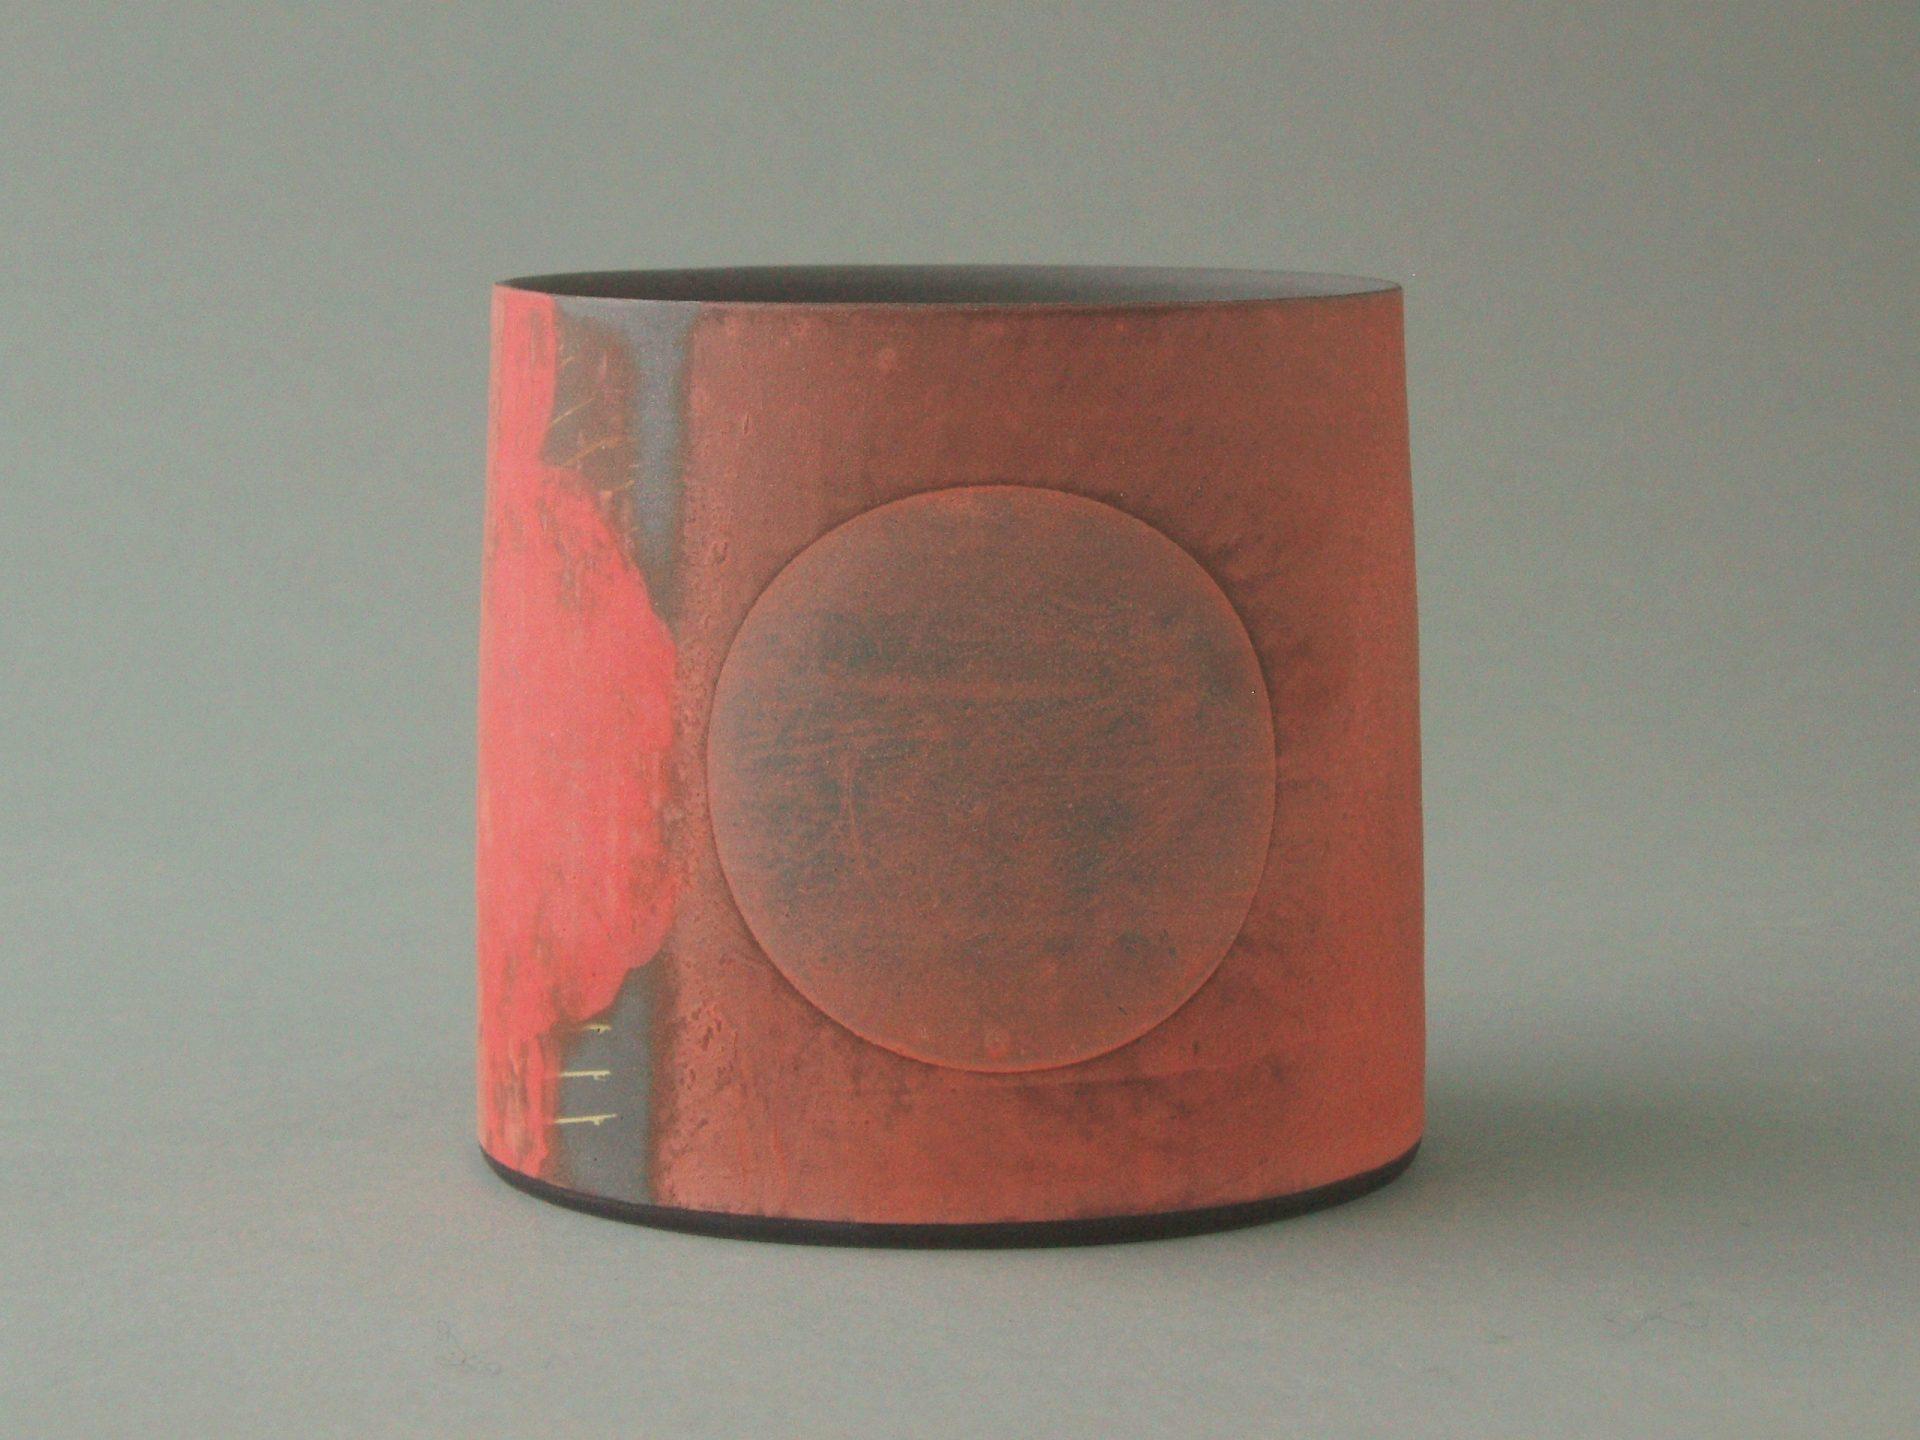 76-ferrero-rocher-h9cm-jan13-£250